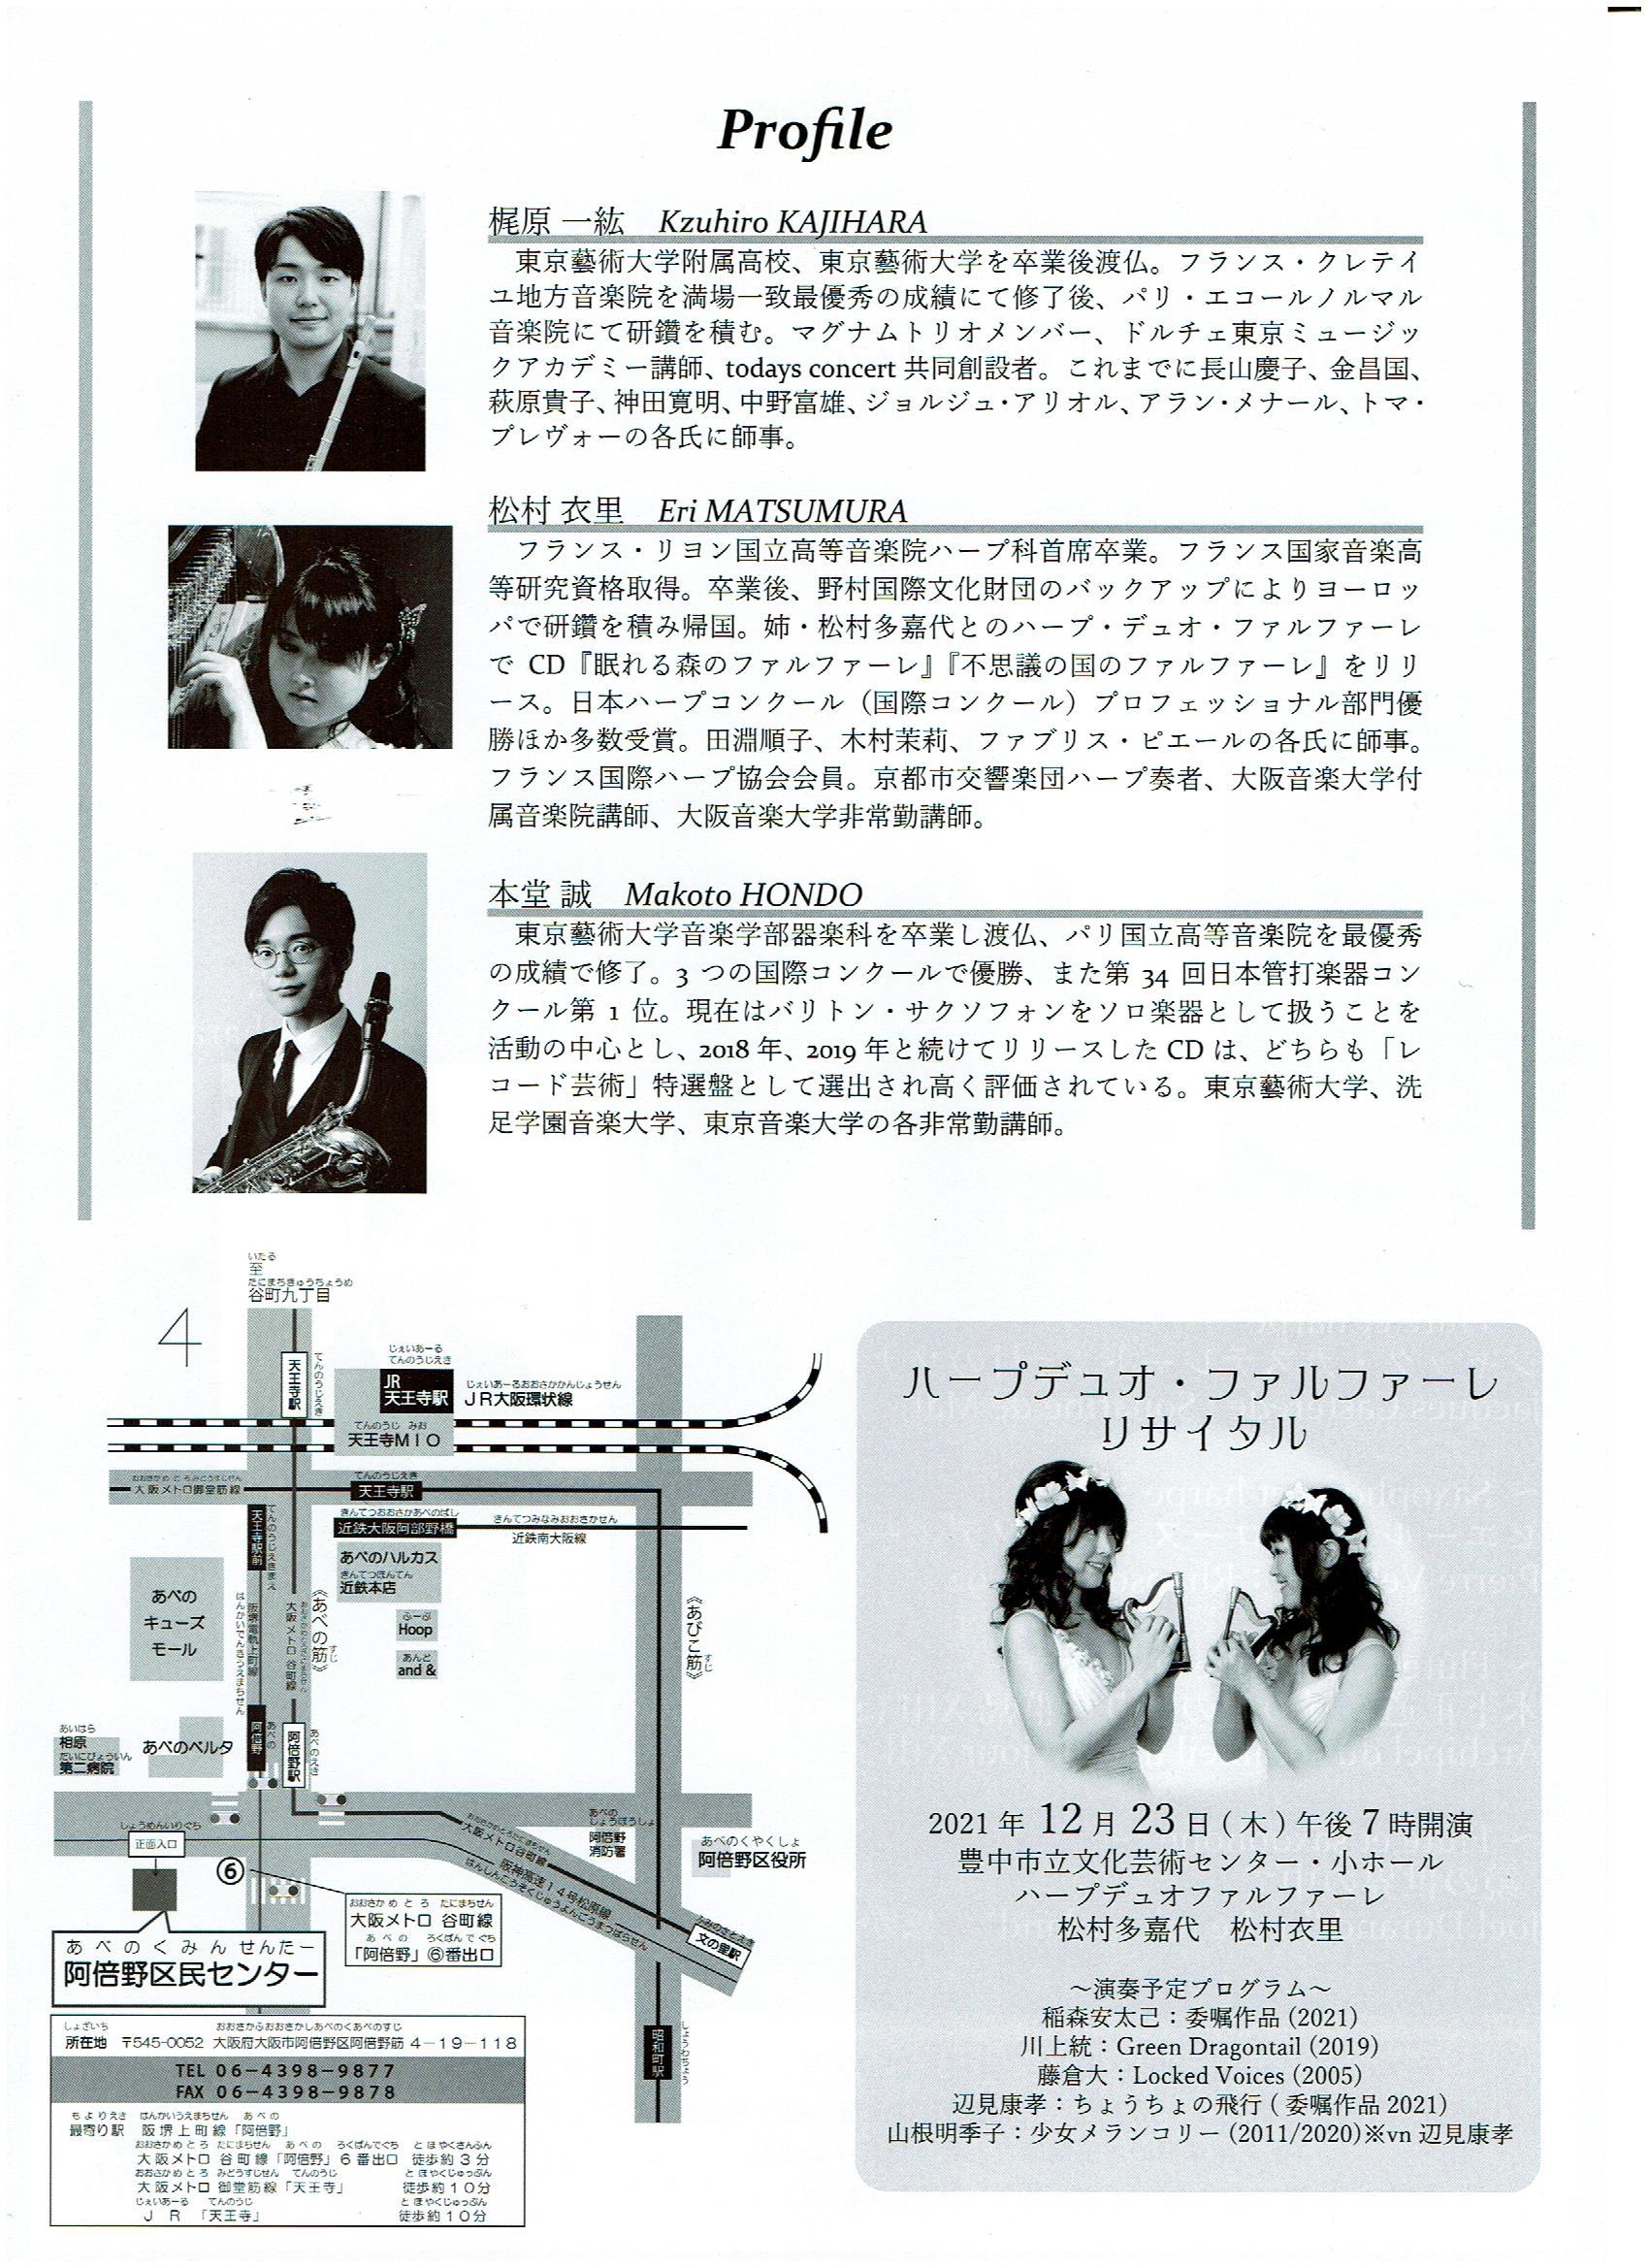 http://felice-ongakuin.com/news/001.jpg